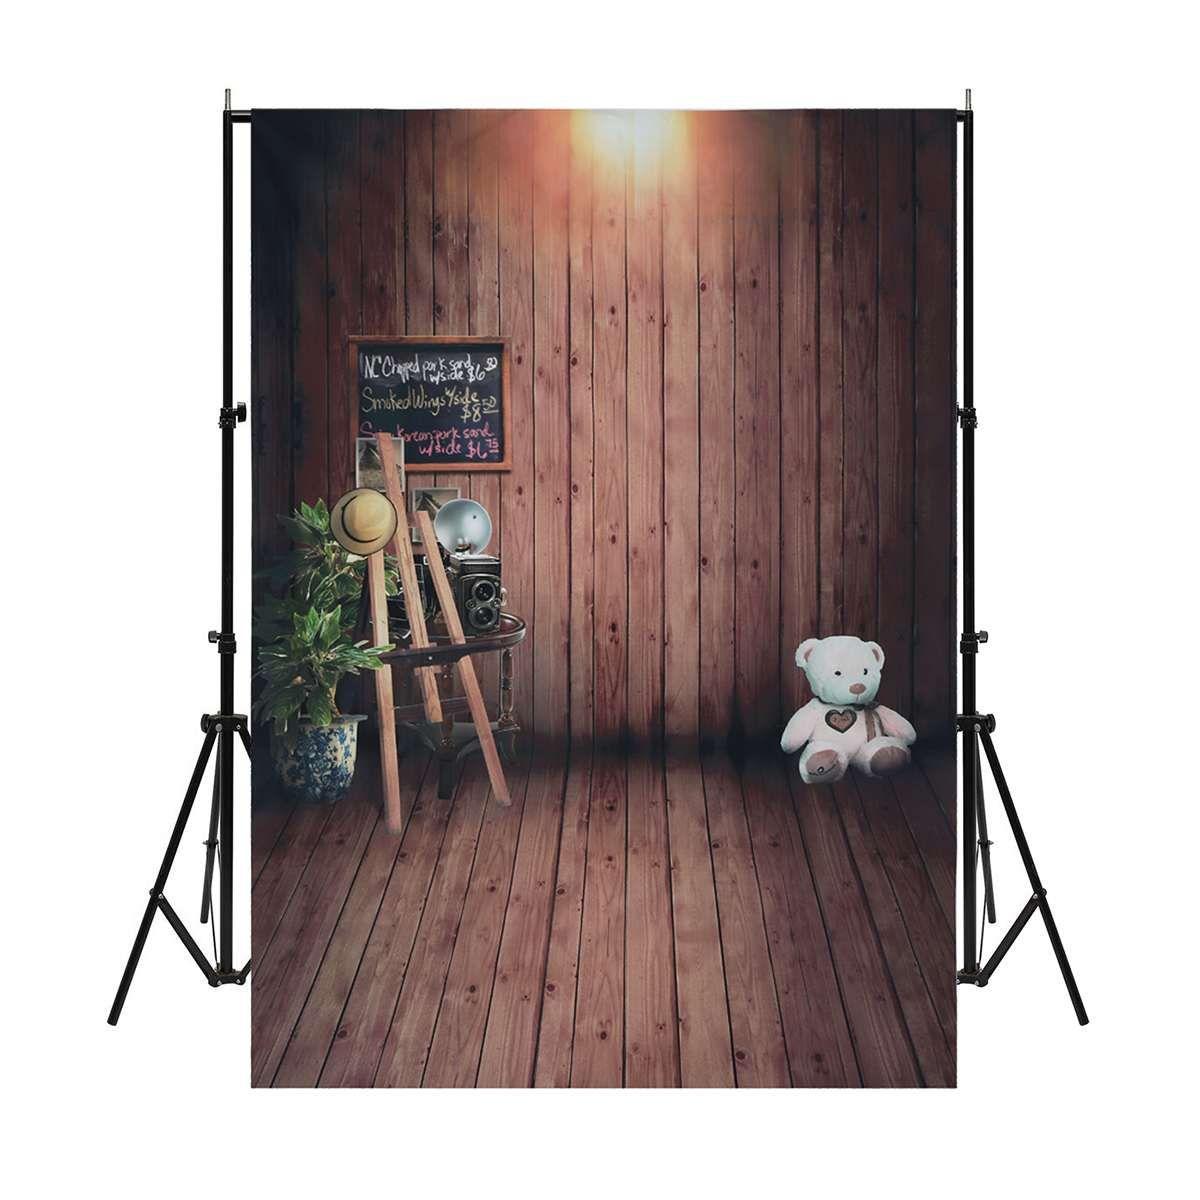 رخيصة 150x210 سنتيمتر خمر الخشب الطابق ورق حائط التصوير خلفية الصور ستوديو الدعائم الخلفيات القماش حزب لوازم الديكور يبيع الجودة خلفيات للحفلات مباشرة من المور